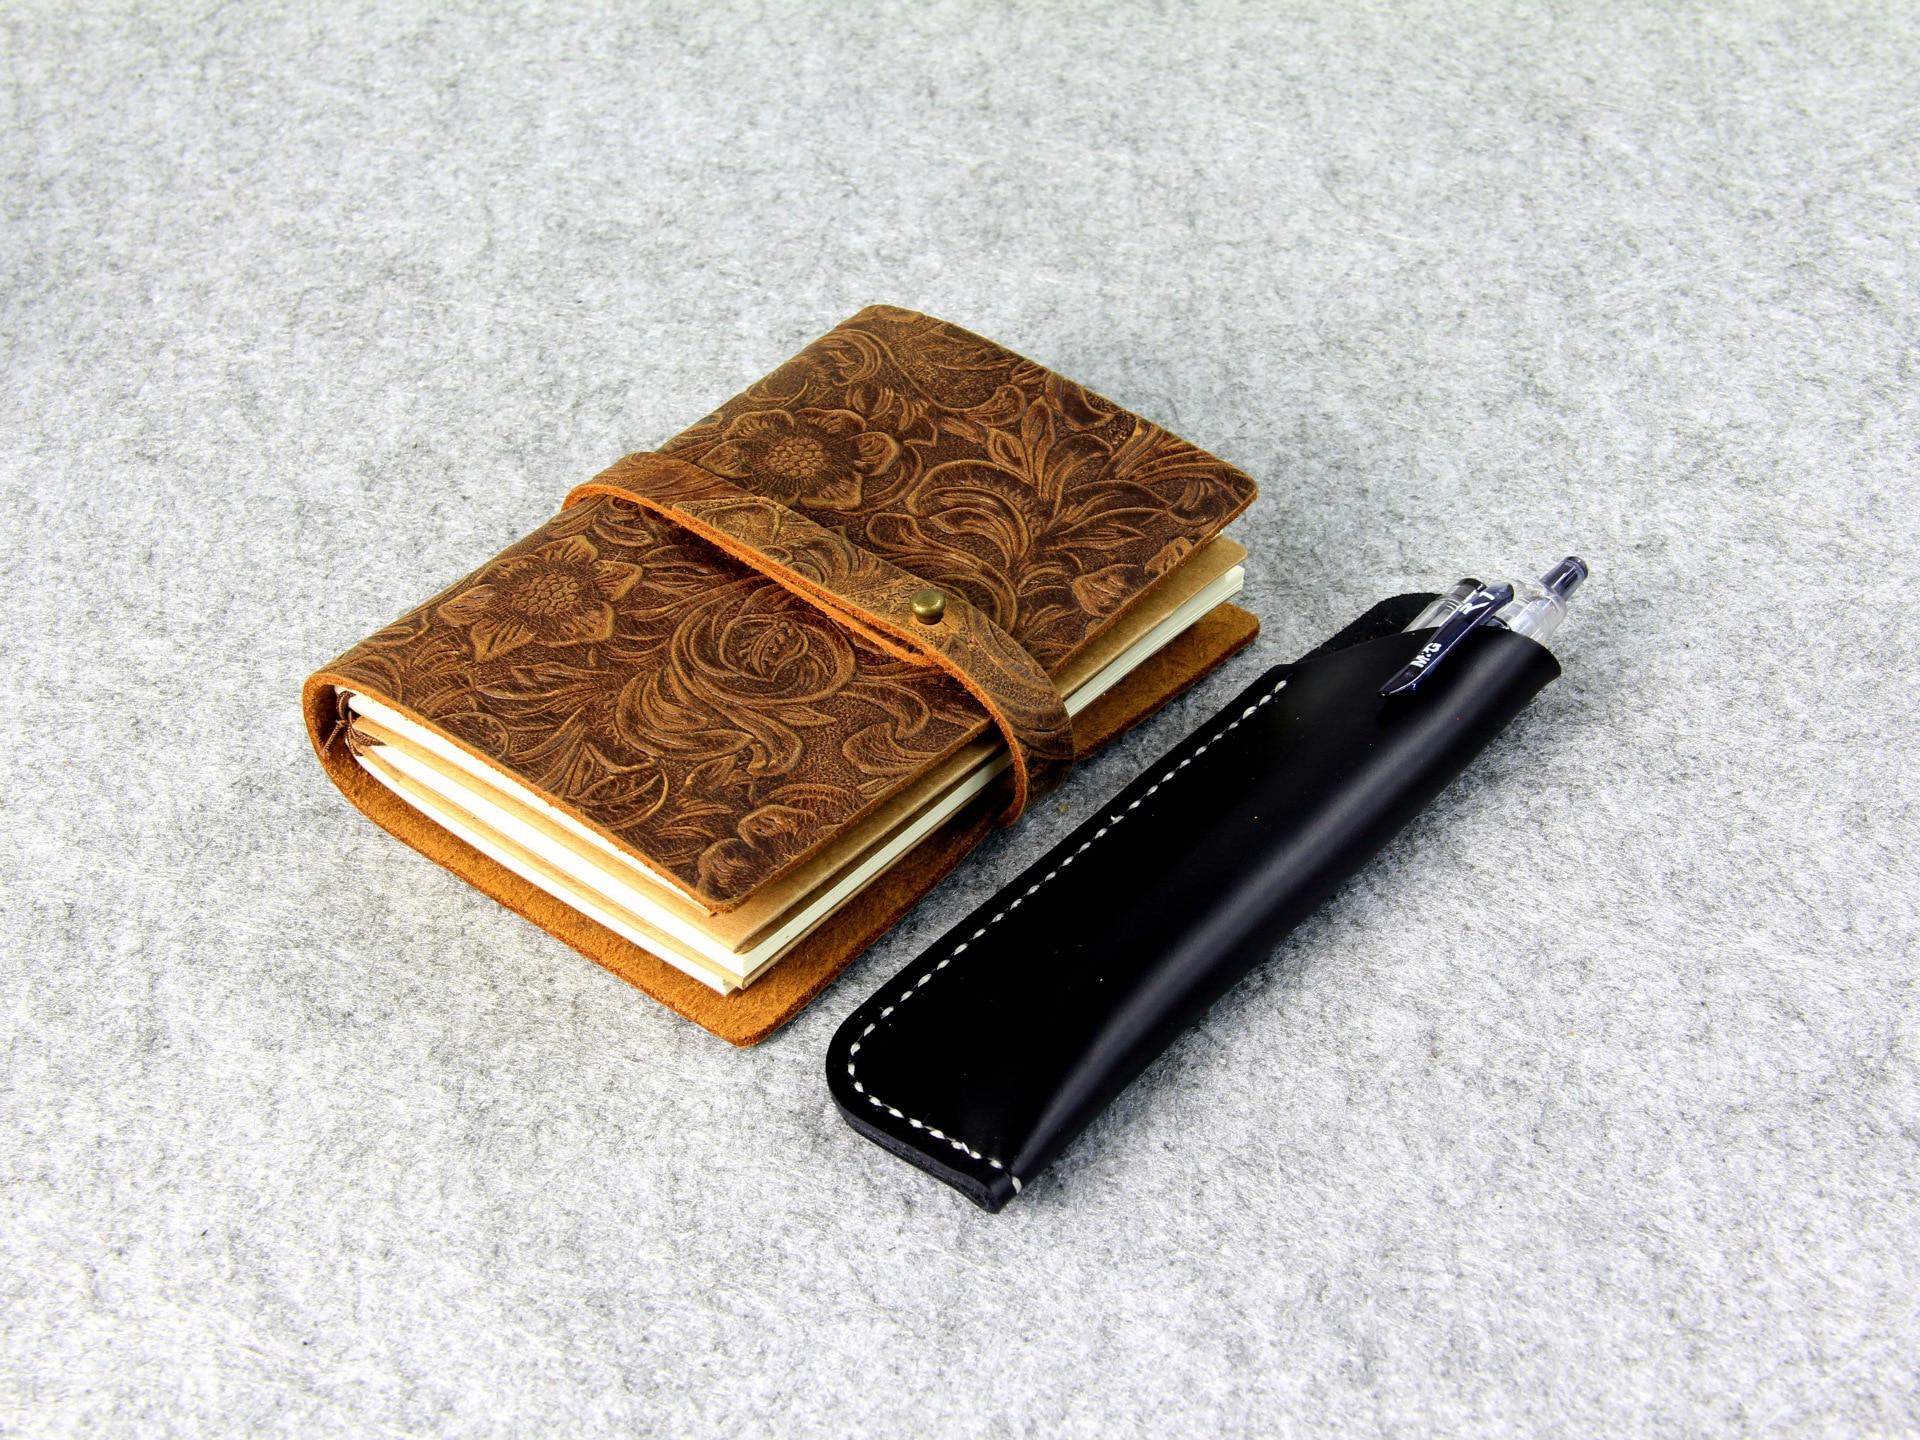 Γνήσιο Δερμάτινο Notebook Ταξιδιώτες - Σημειωματάρια - Φωτογραφία 4